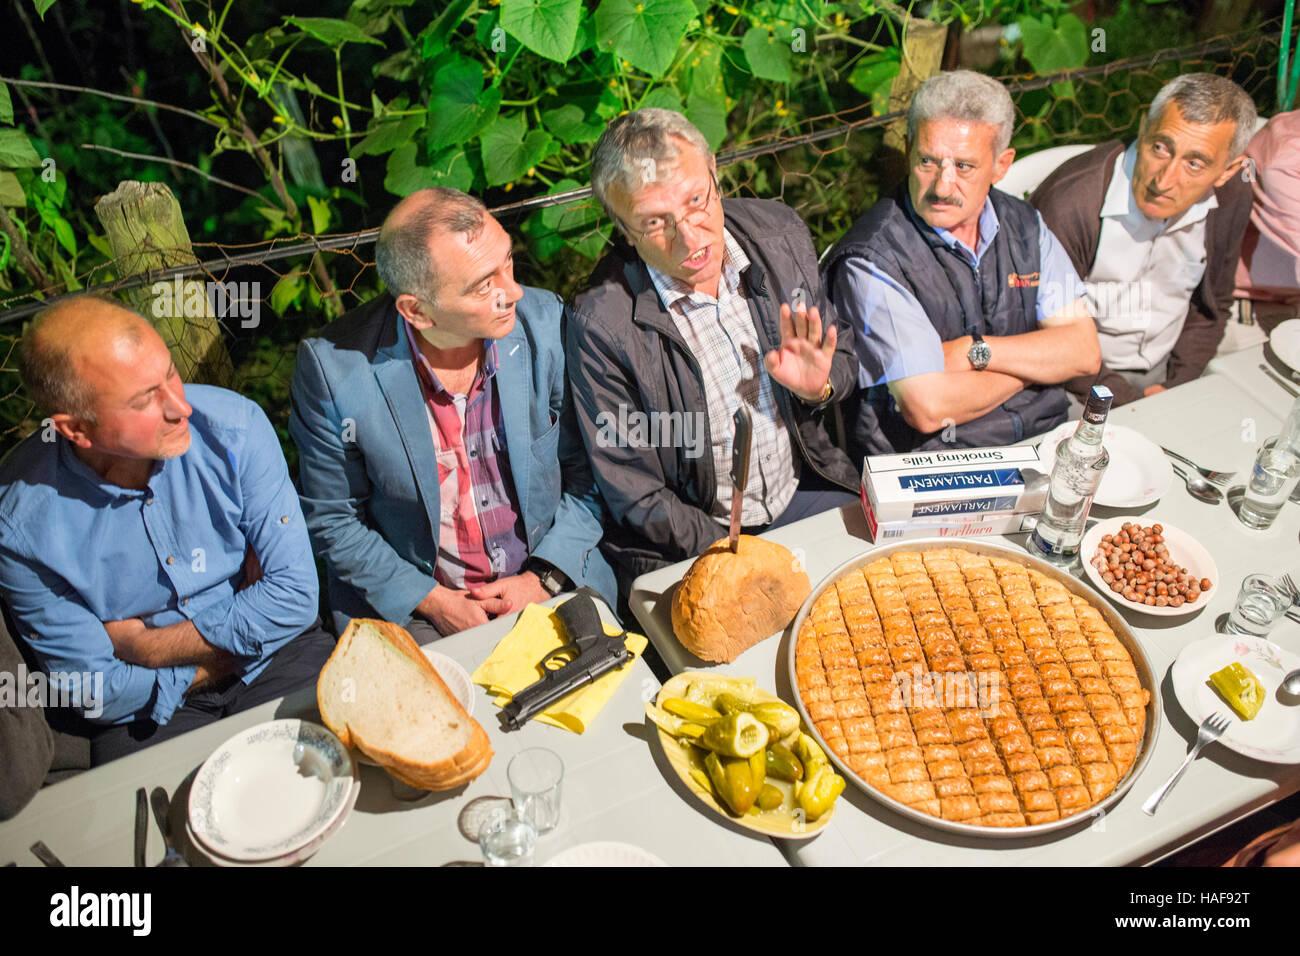 Kochen besondere Gerichte in der Hochzeit von Armeniern Hemsin Provinz des östlichen Schwarzen Meer. Stockbild